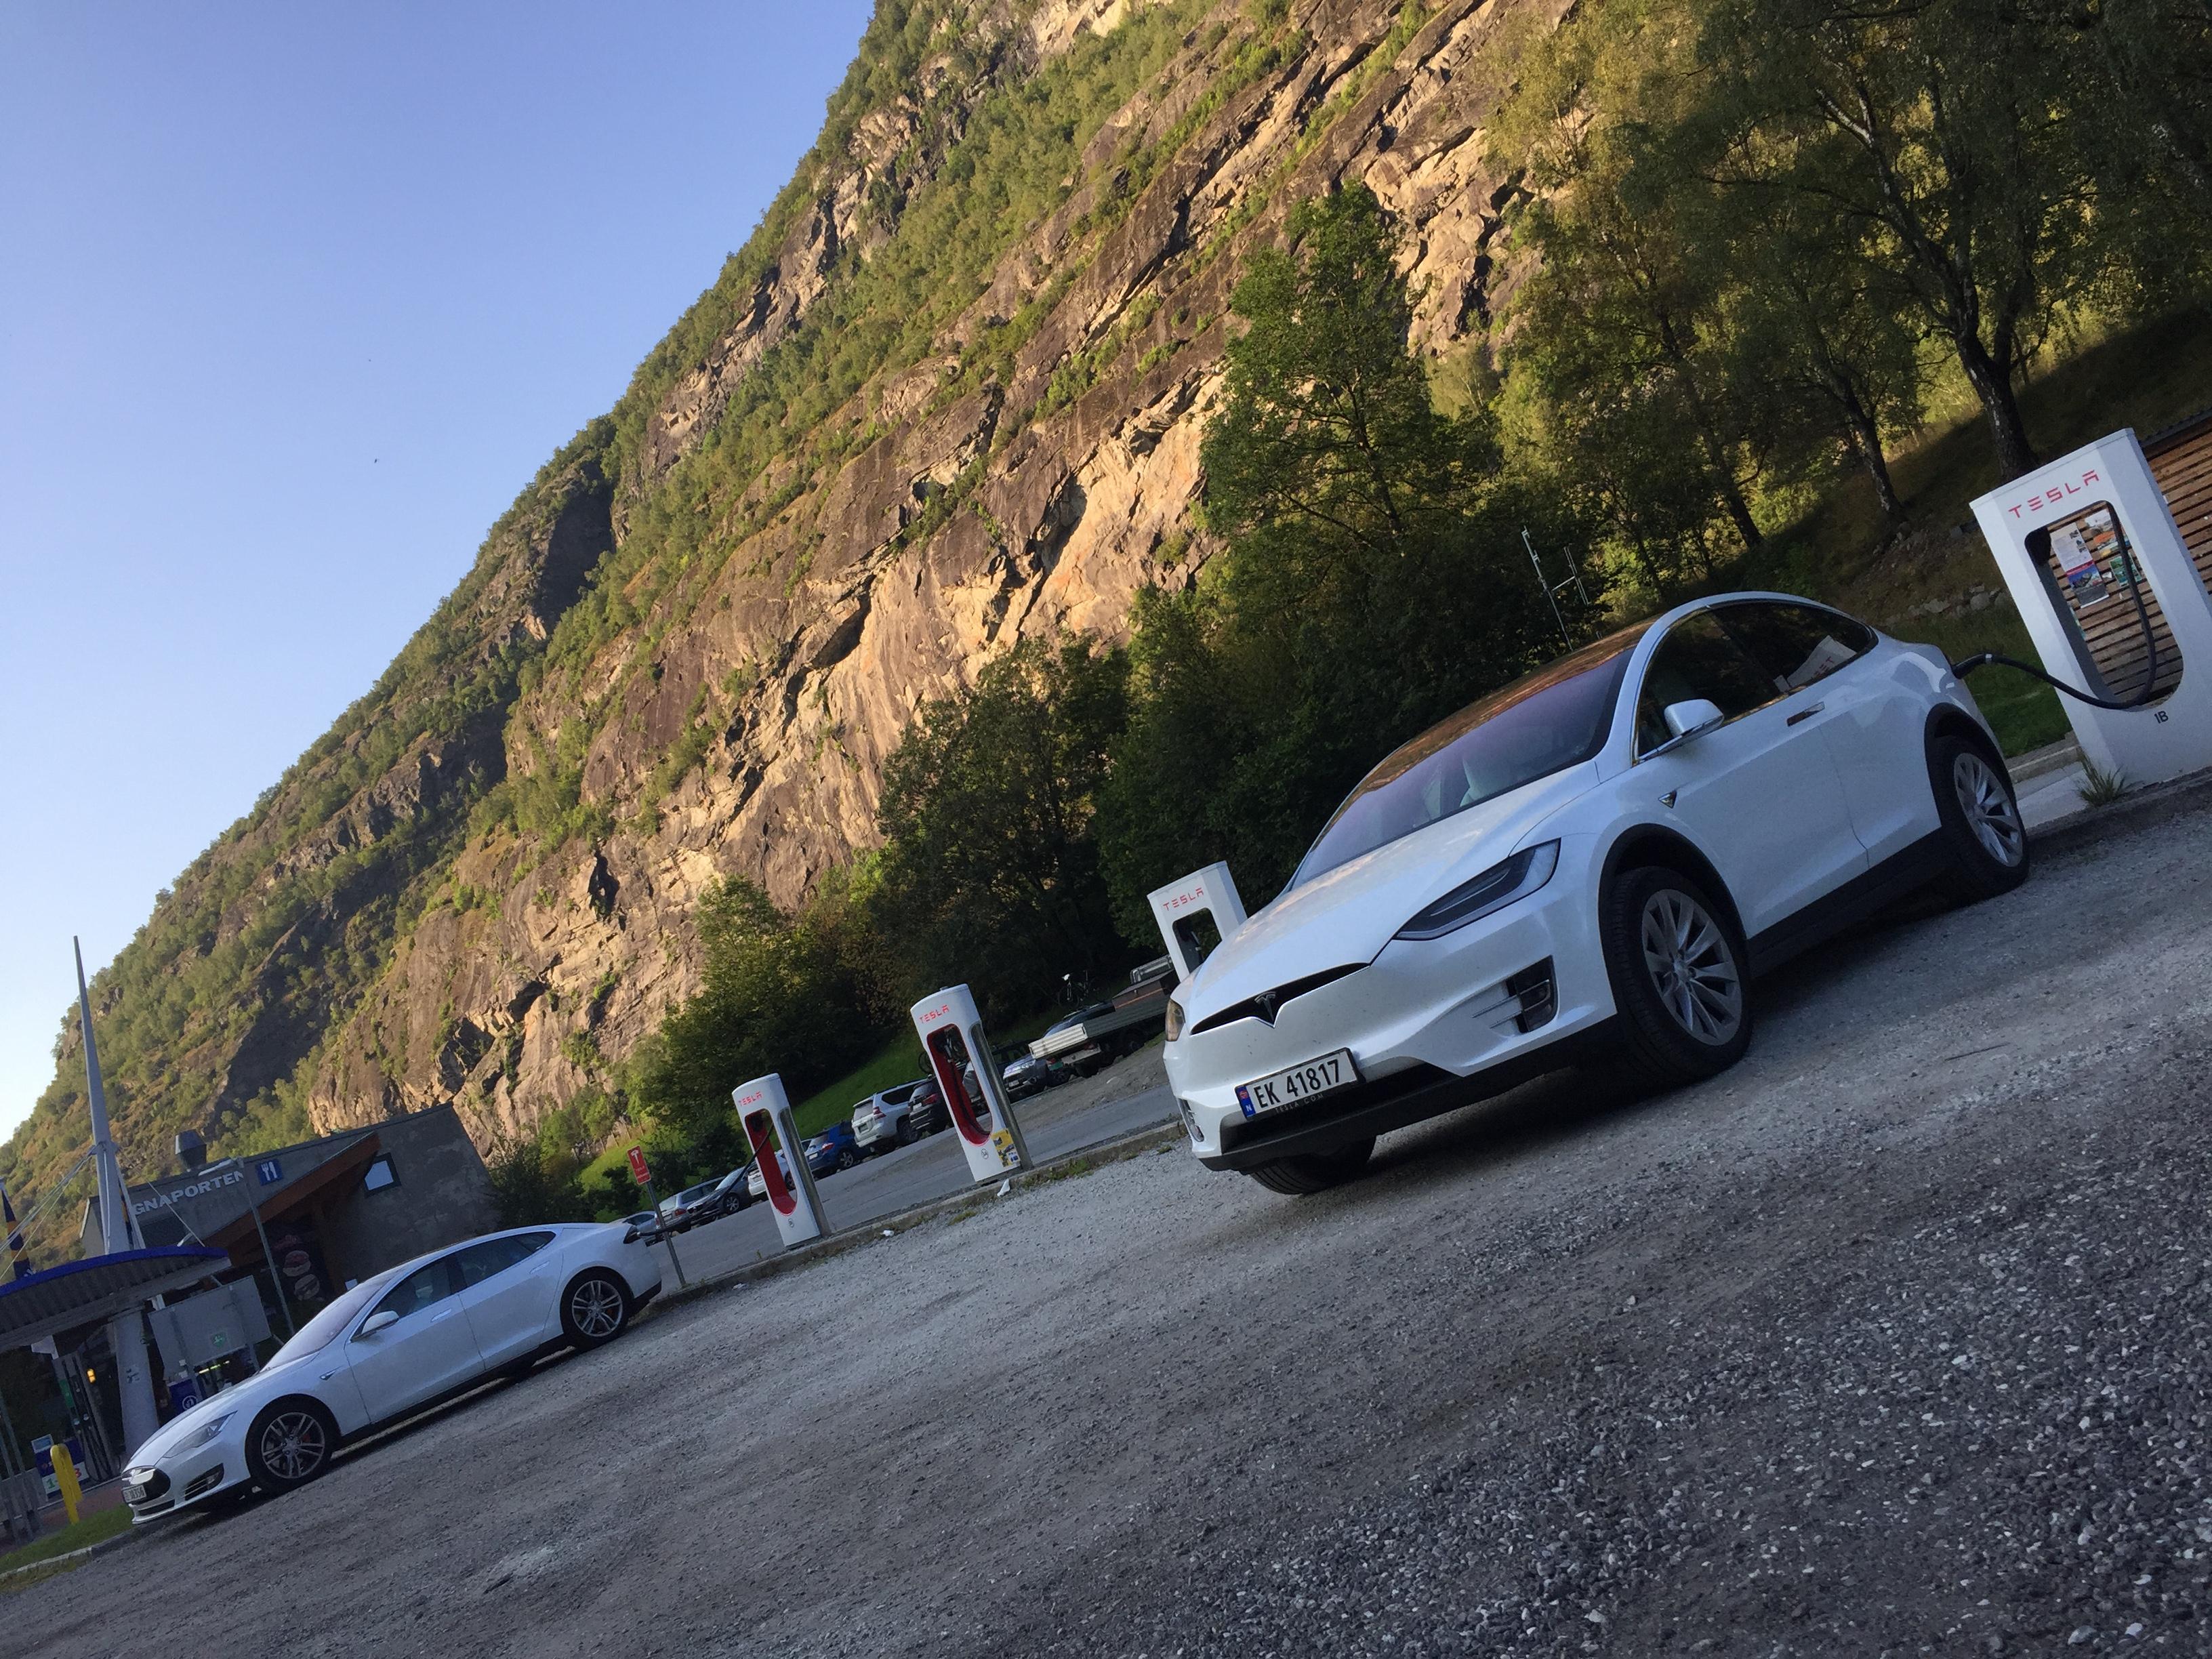 Norway-Tesla-Model-X-Model-S-Supercharging